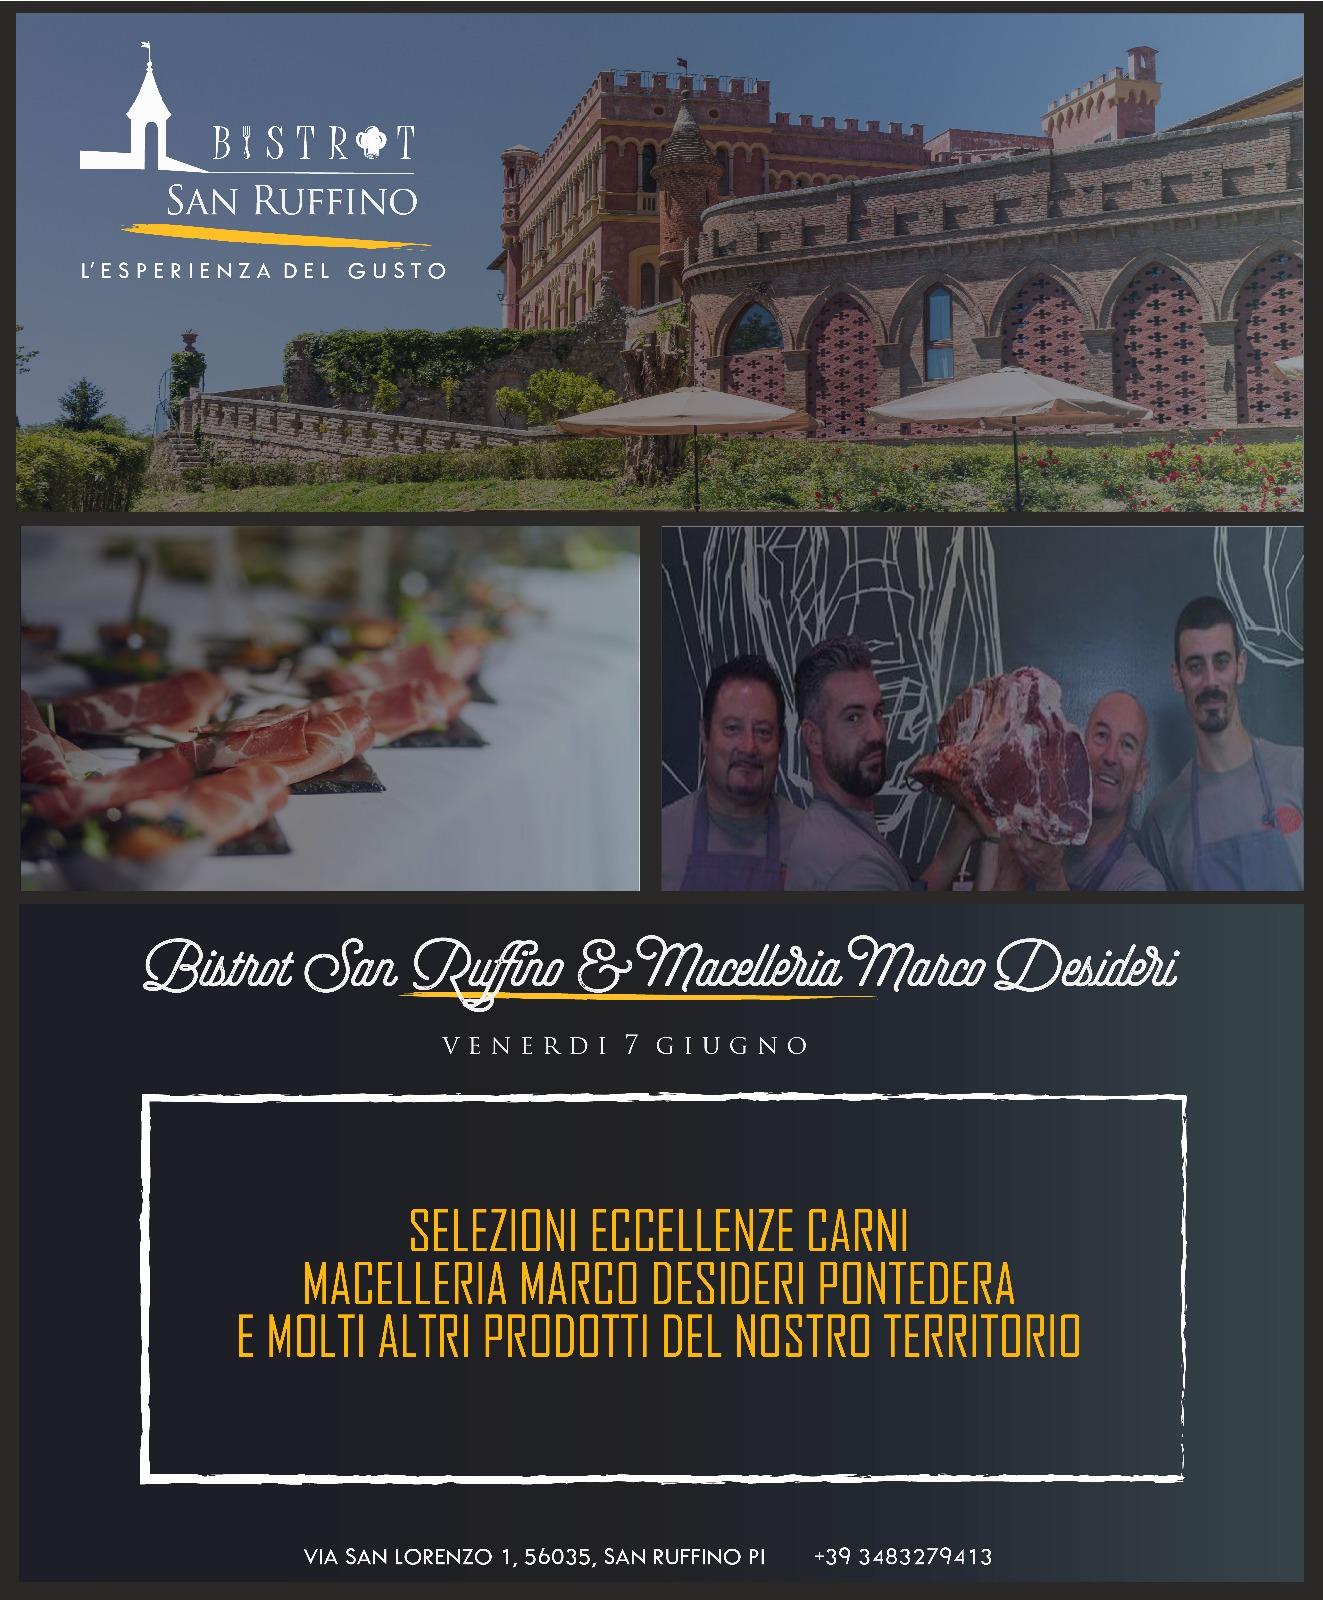 Eccellenze carni macelleria Desideri. Cena evento al Bistrot del lussuoso San Ruffino Resort